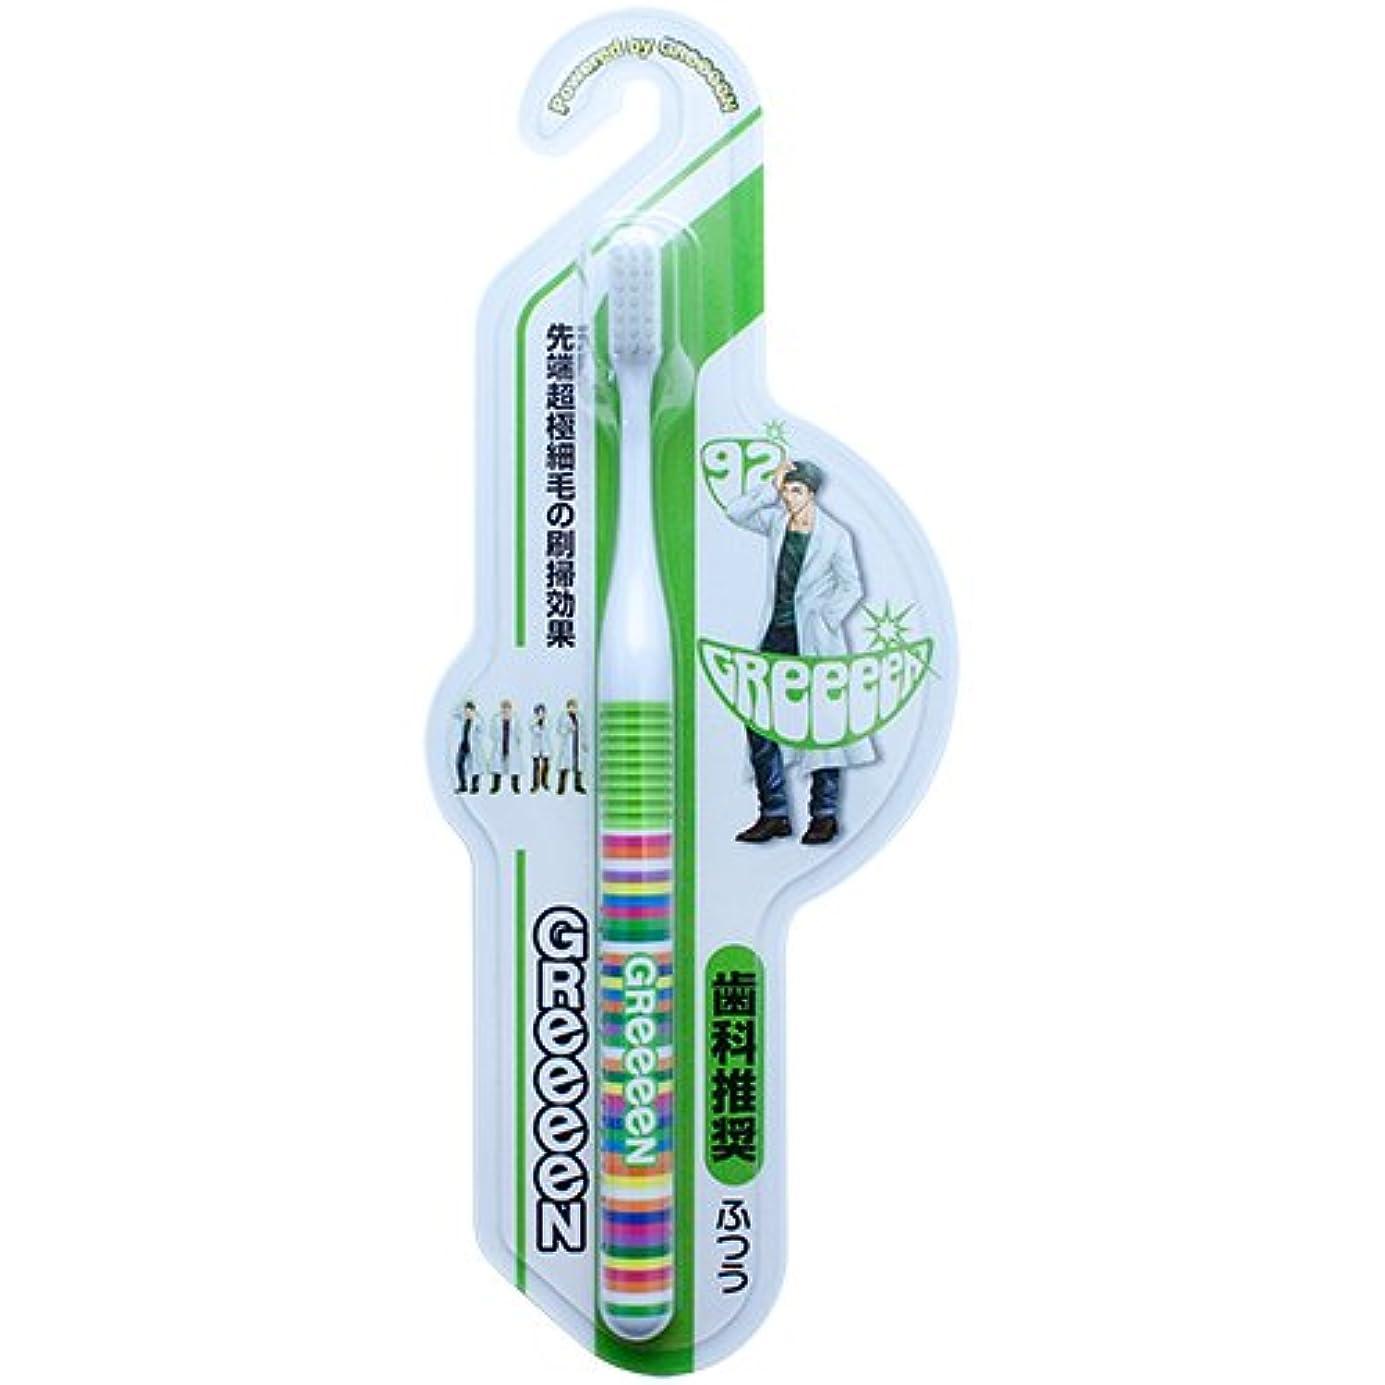 落胆した扇動するリップGReeeeN 3列ヘッドラバーグリップ超極細毛歯ブラシ SIRO 92 1本